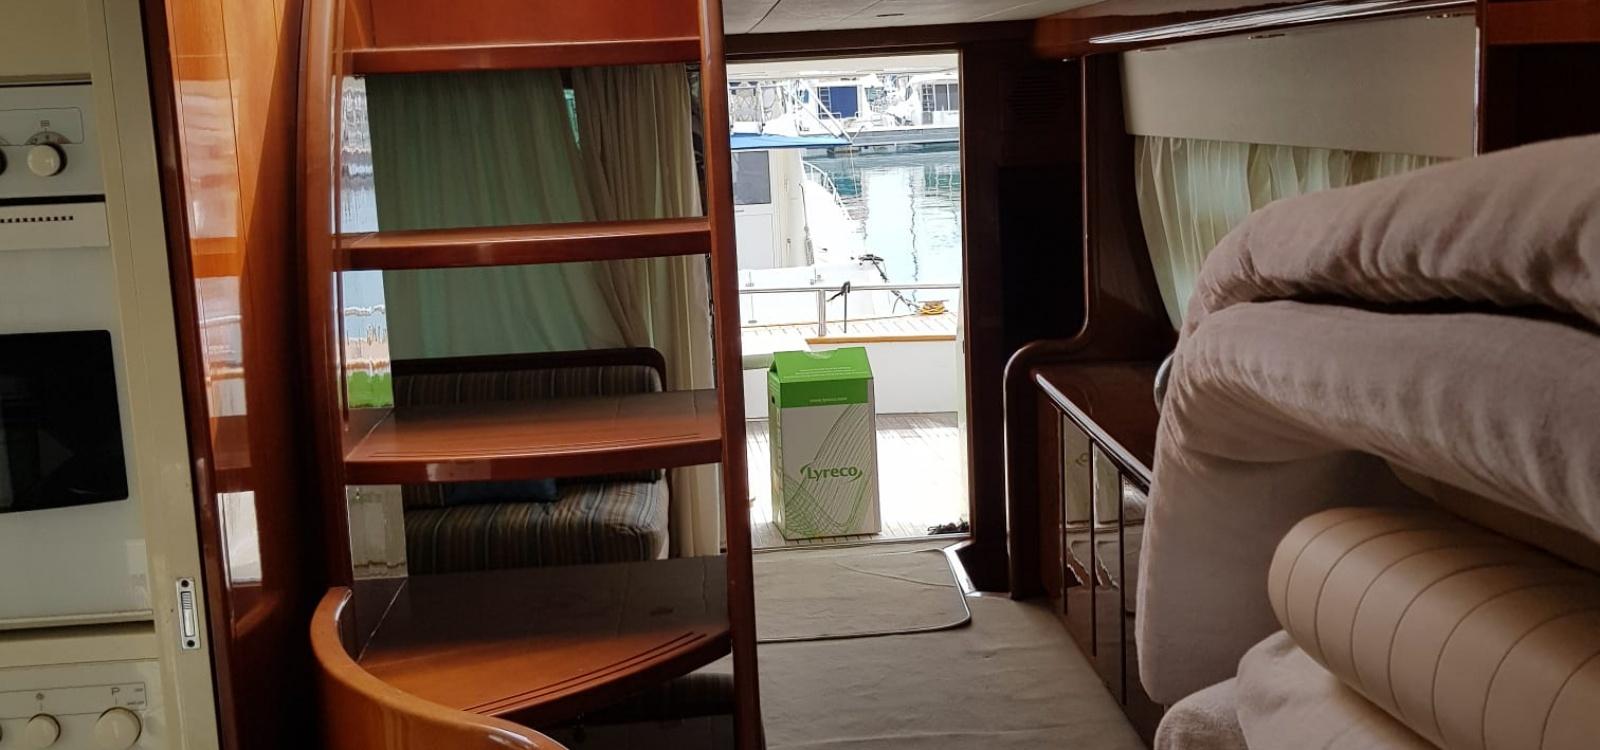 EL MASNOU,Barcelona,España,4 Habitaciones Habitaciones,4 LavabosLavabos,Barco a motor,2114